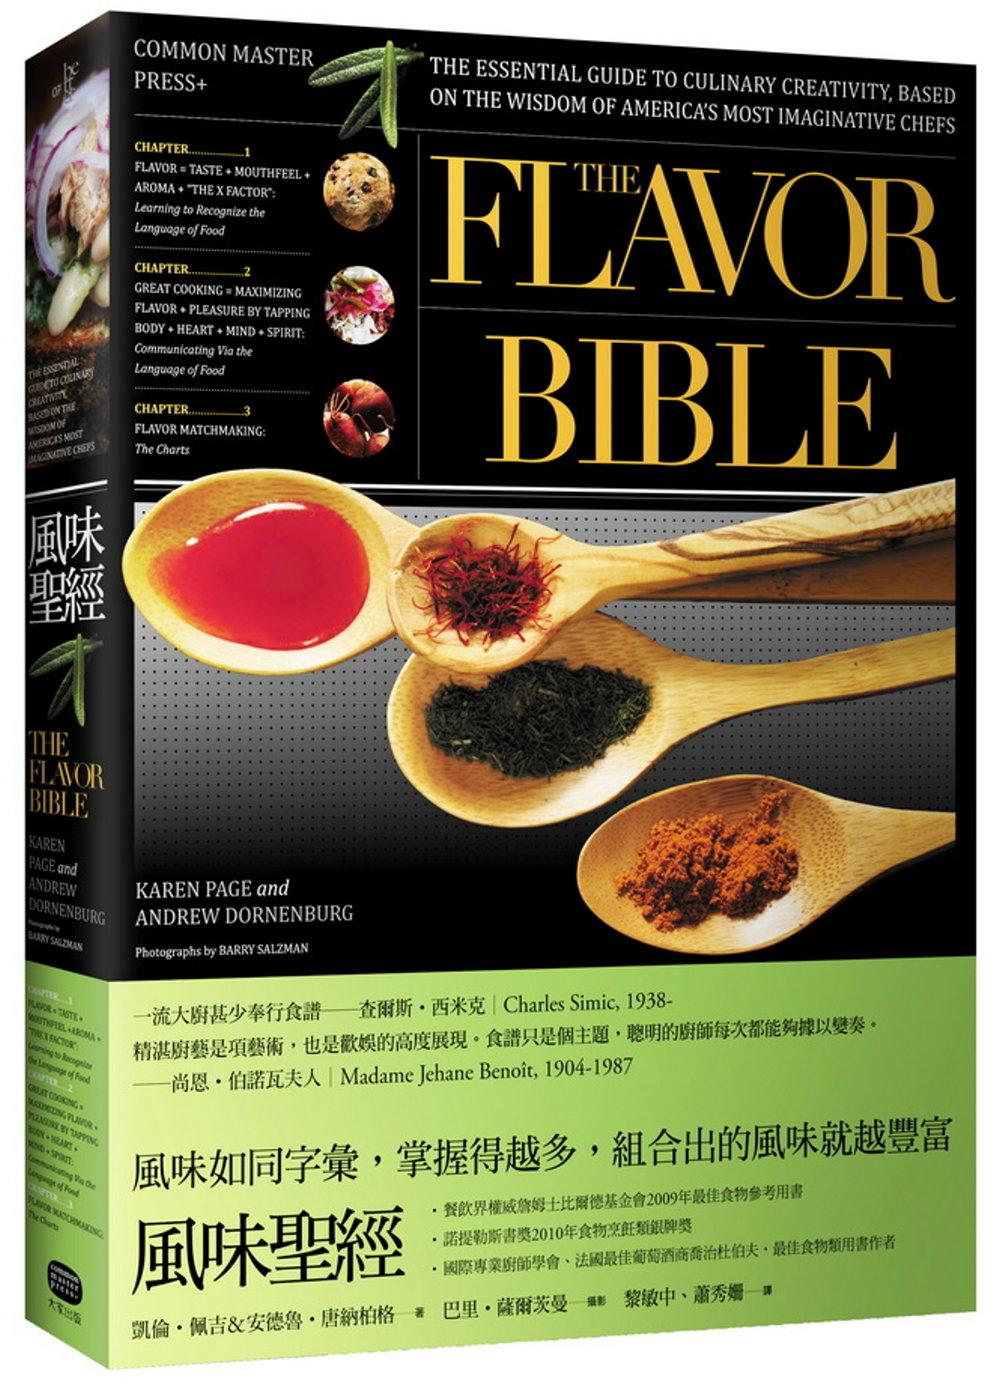 風味聖經:料理創意的重要指南,最具創造力大廚的智慧結晶